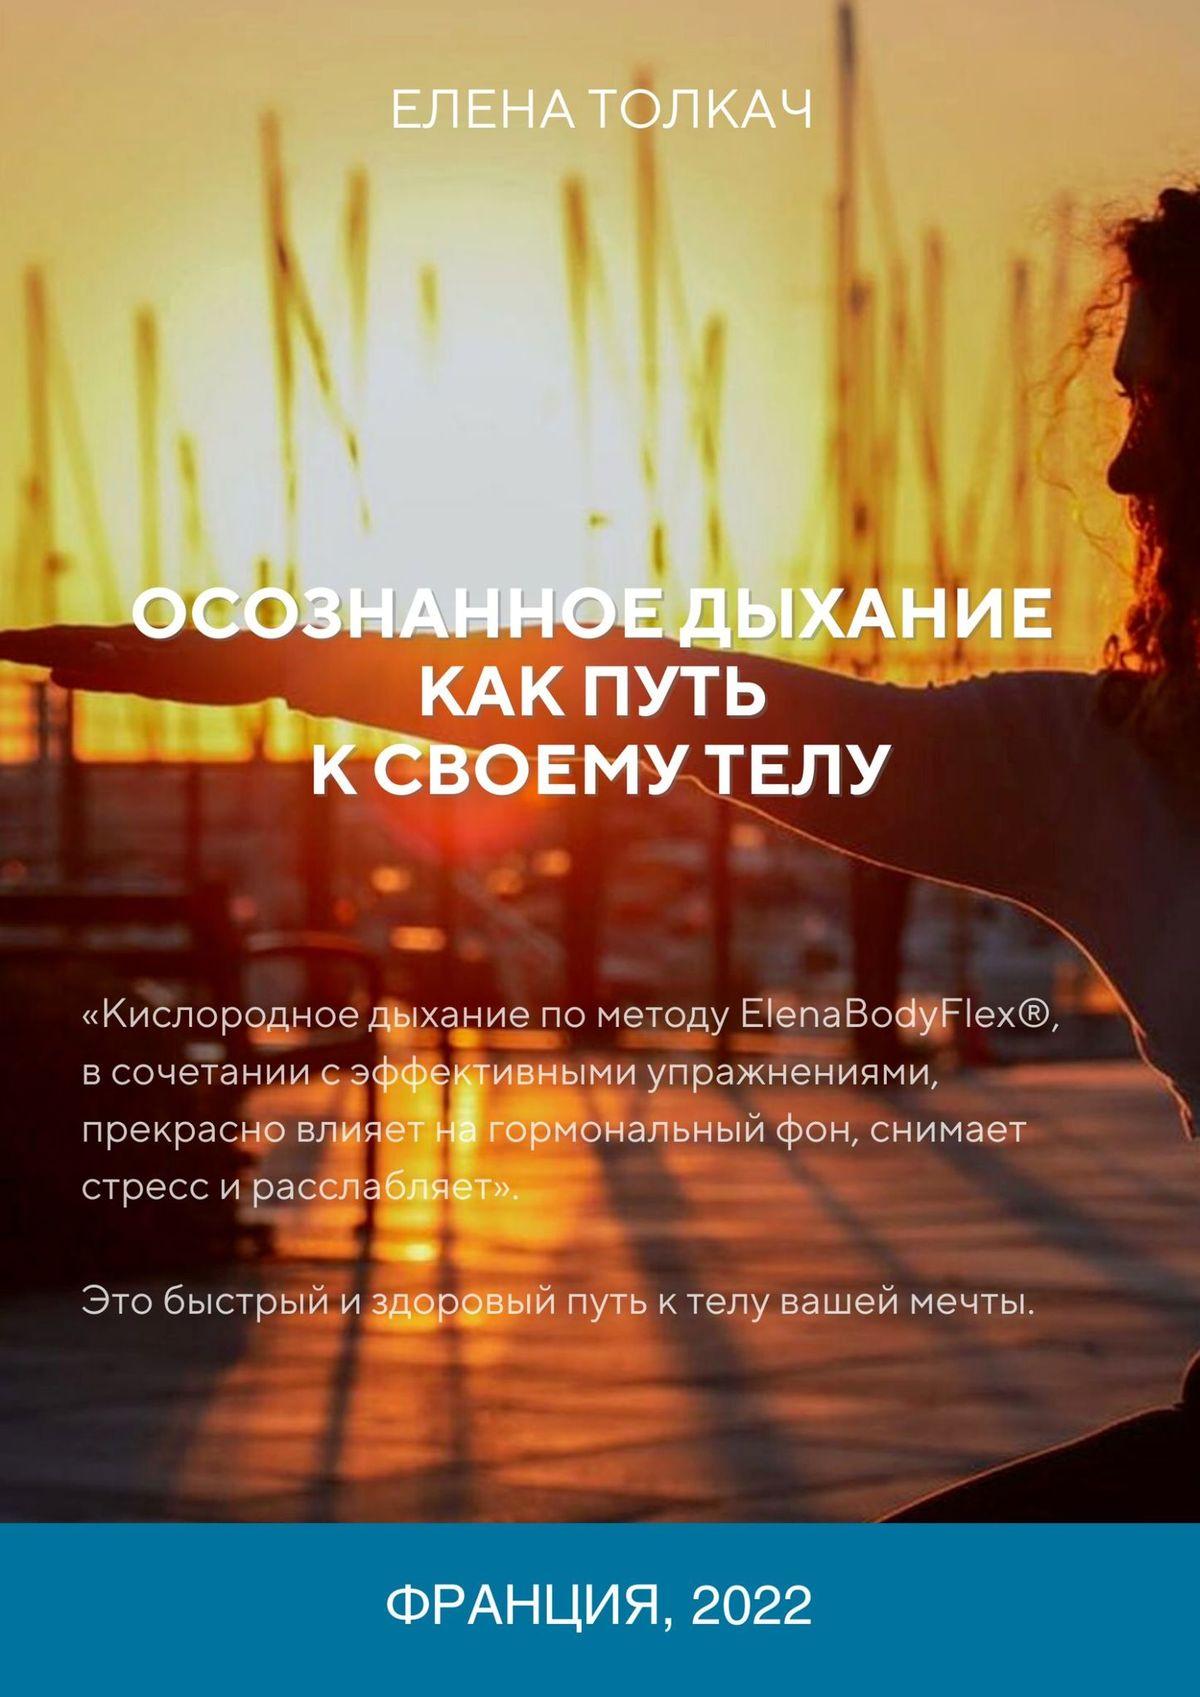 Елена Толкач Осознанное дыхание как путь ксвоемутелу леди саядав махатеро осознанное дыхание и теория дхамм